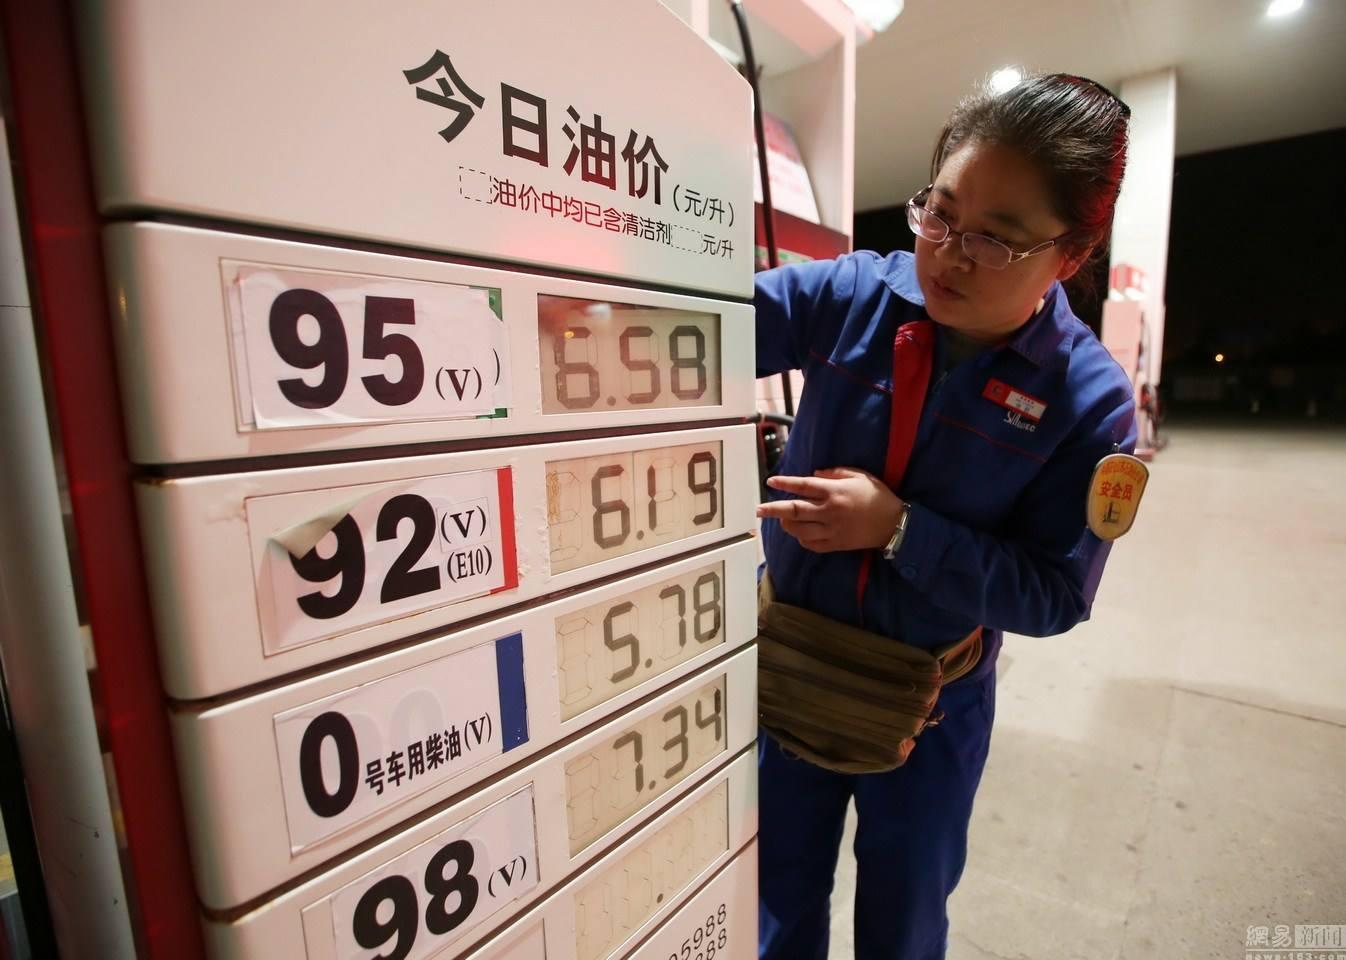 国内油价调整最新消息 国内油价下降 92号汽油重返 6时代